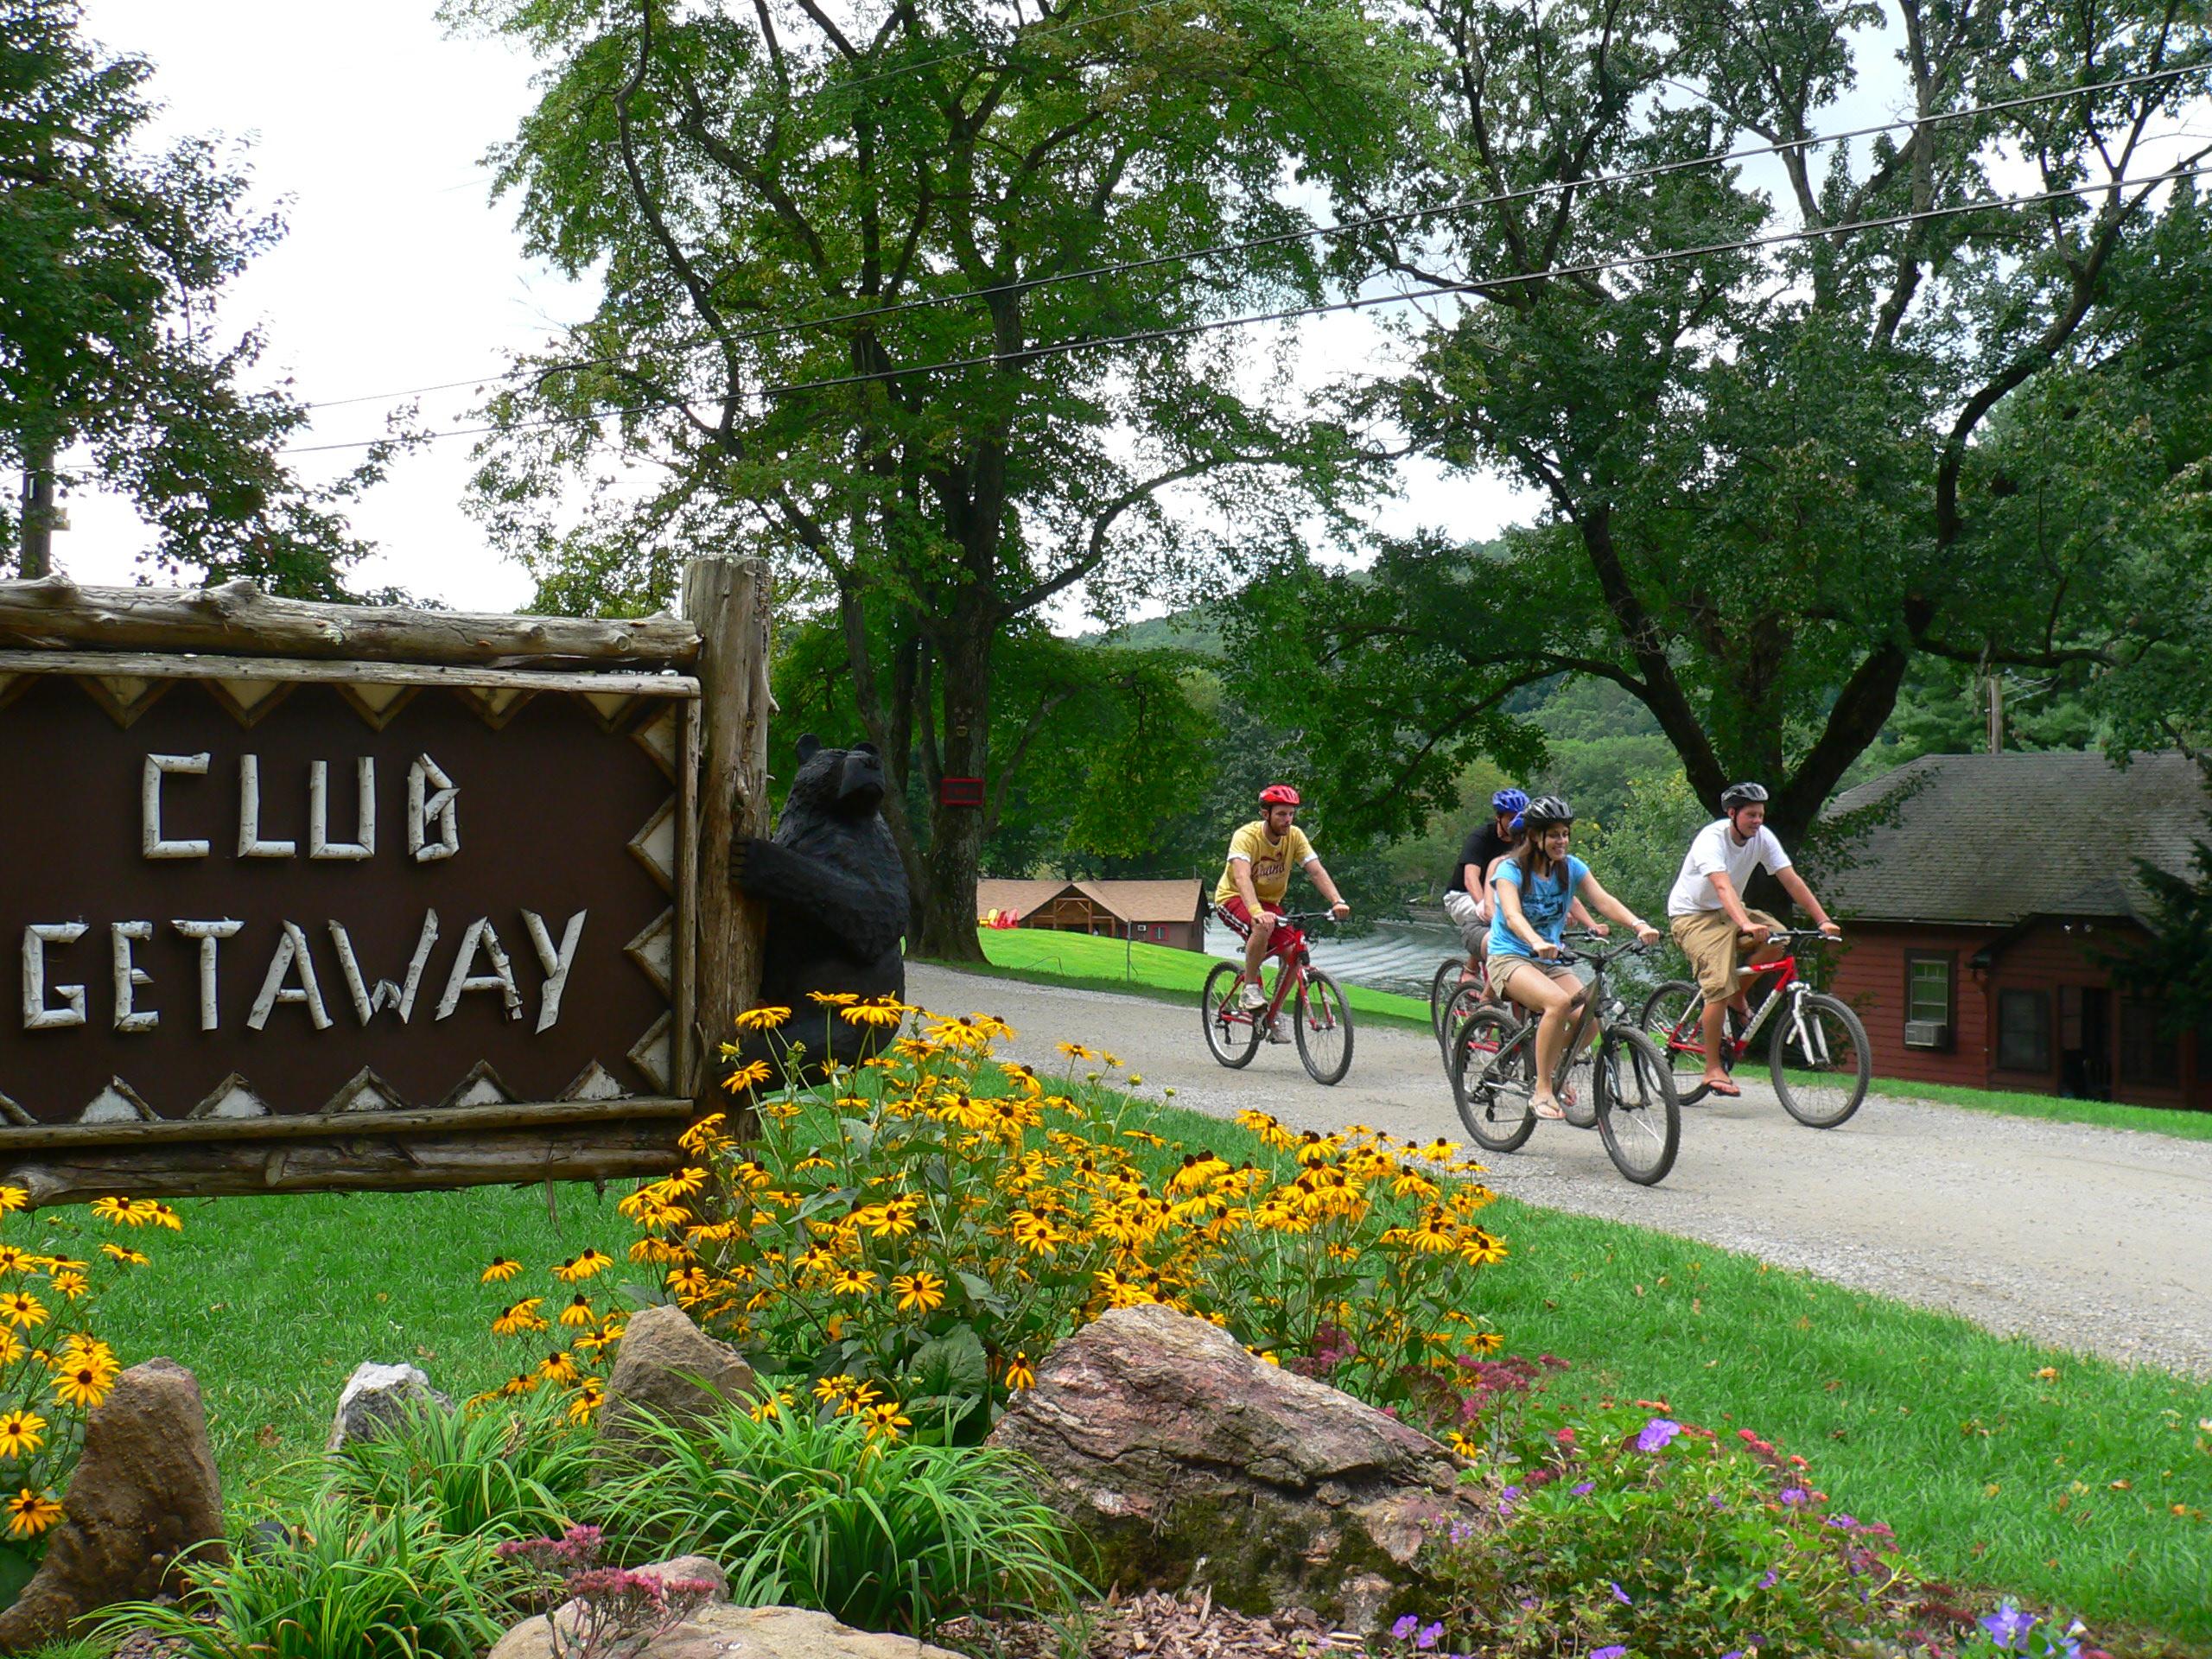 club getaway activities